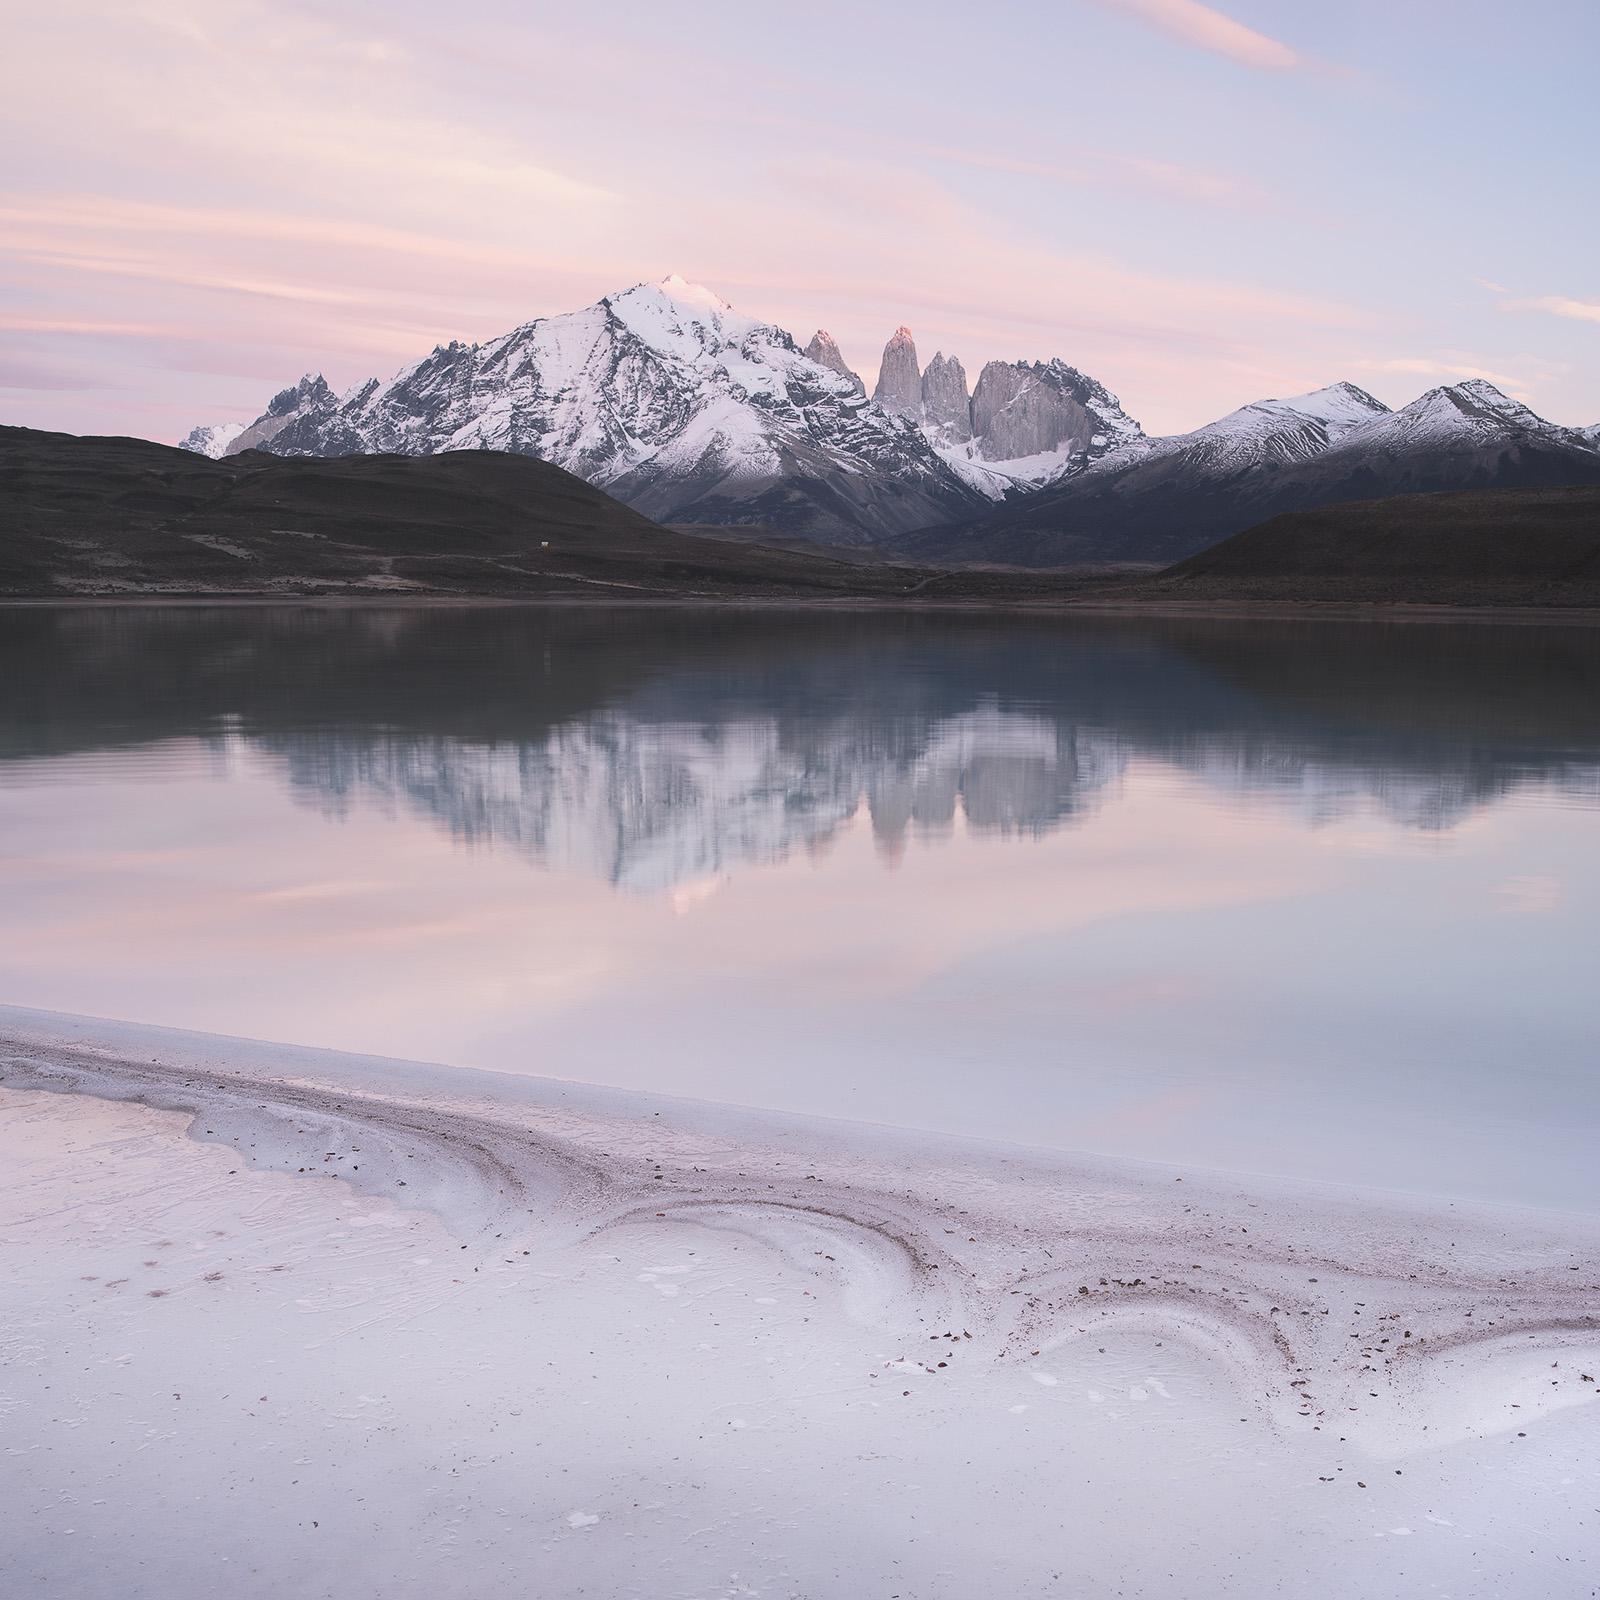 Lago Armaga, study#2 - Torres del Paine, Patagonia